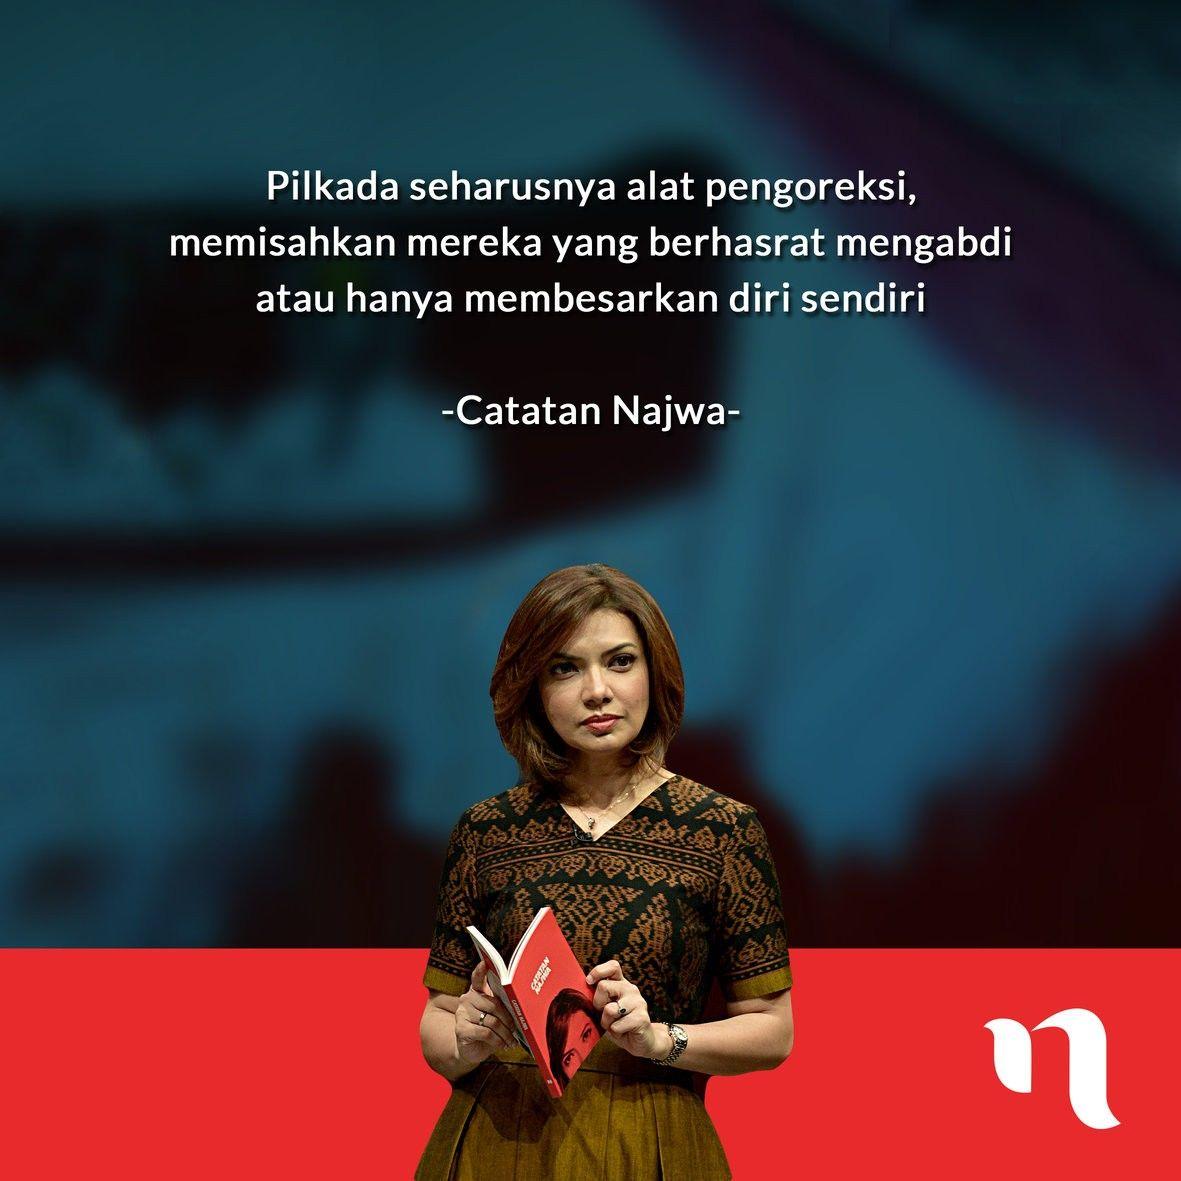 Quote Inspiratif Najwa Shihab Untuk Jadi Perempuan Tangguh